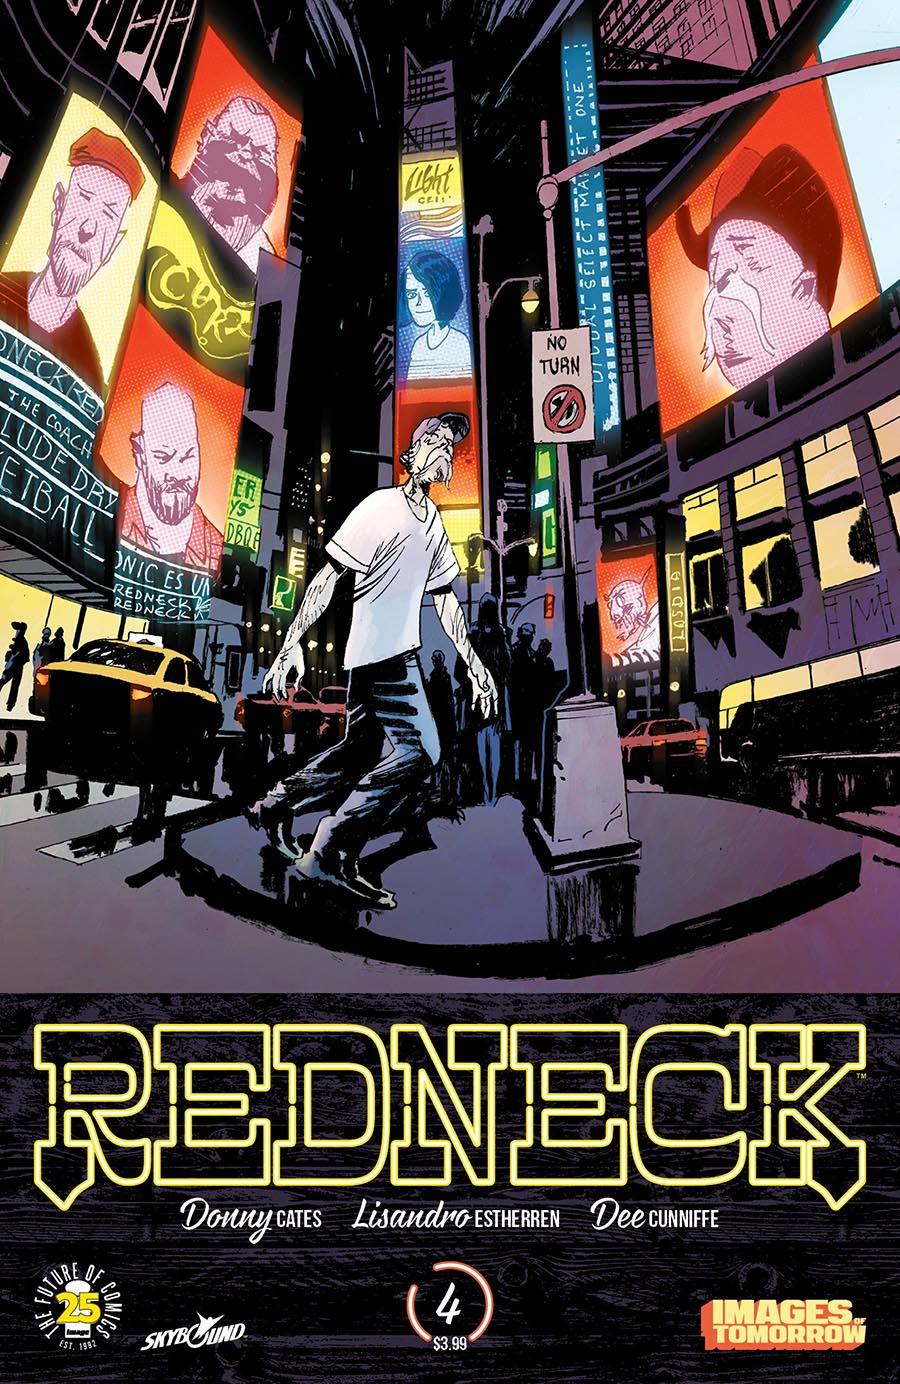 redneck04_coverc